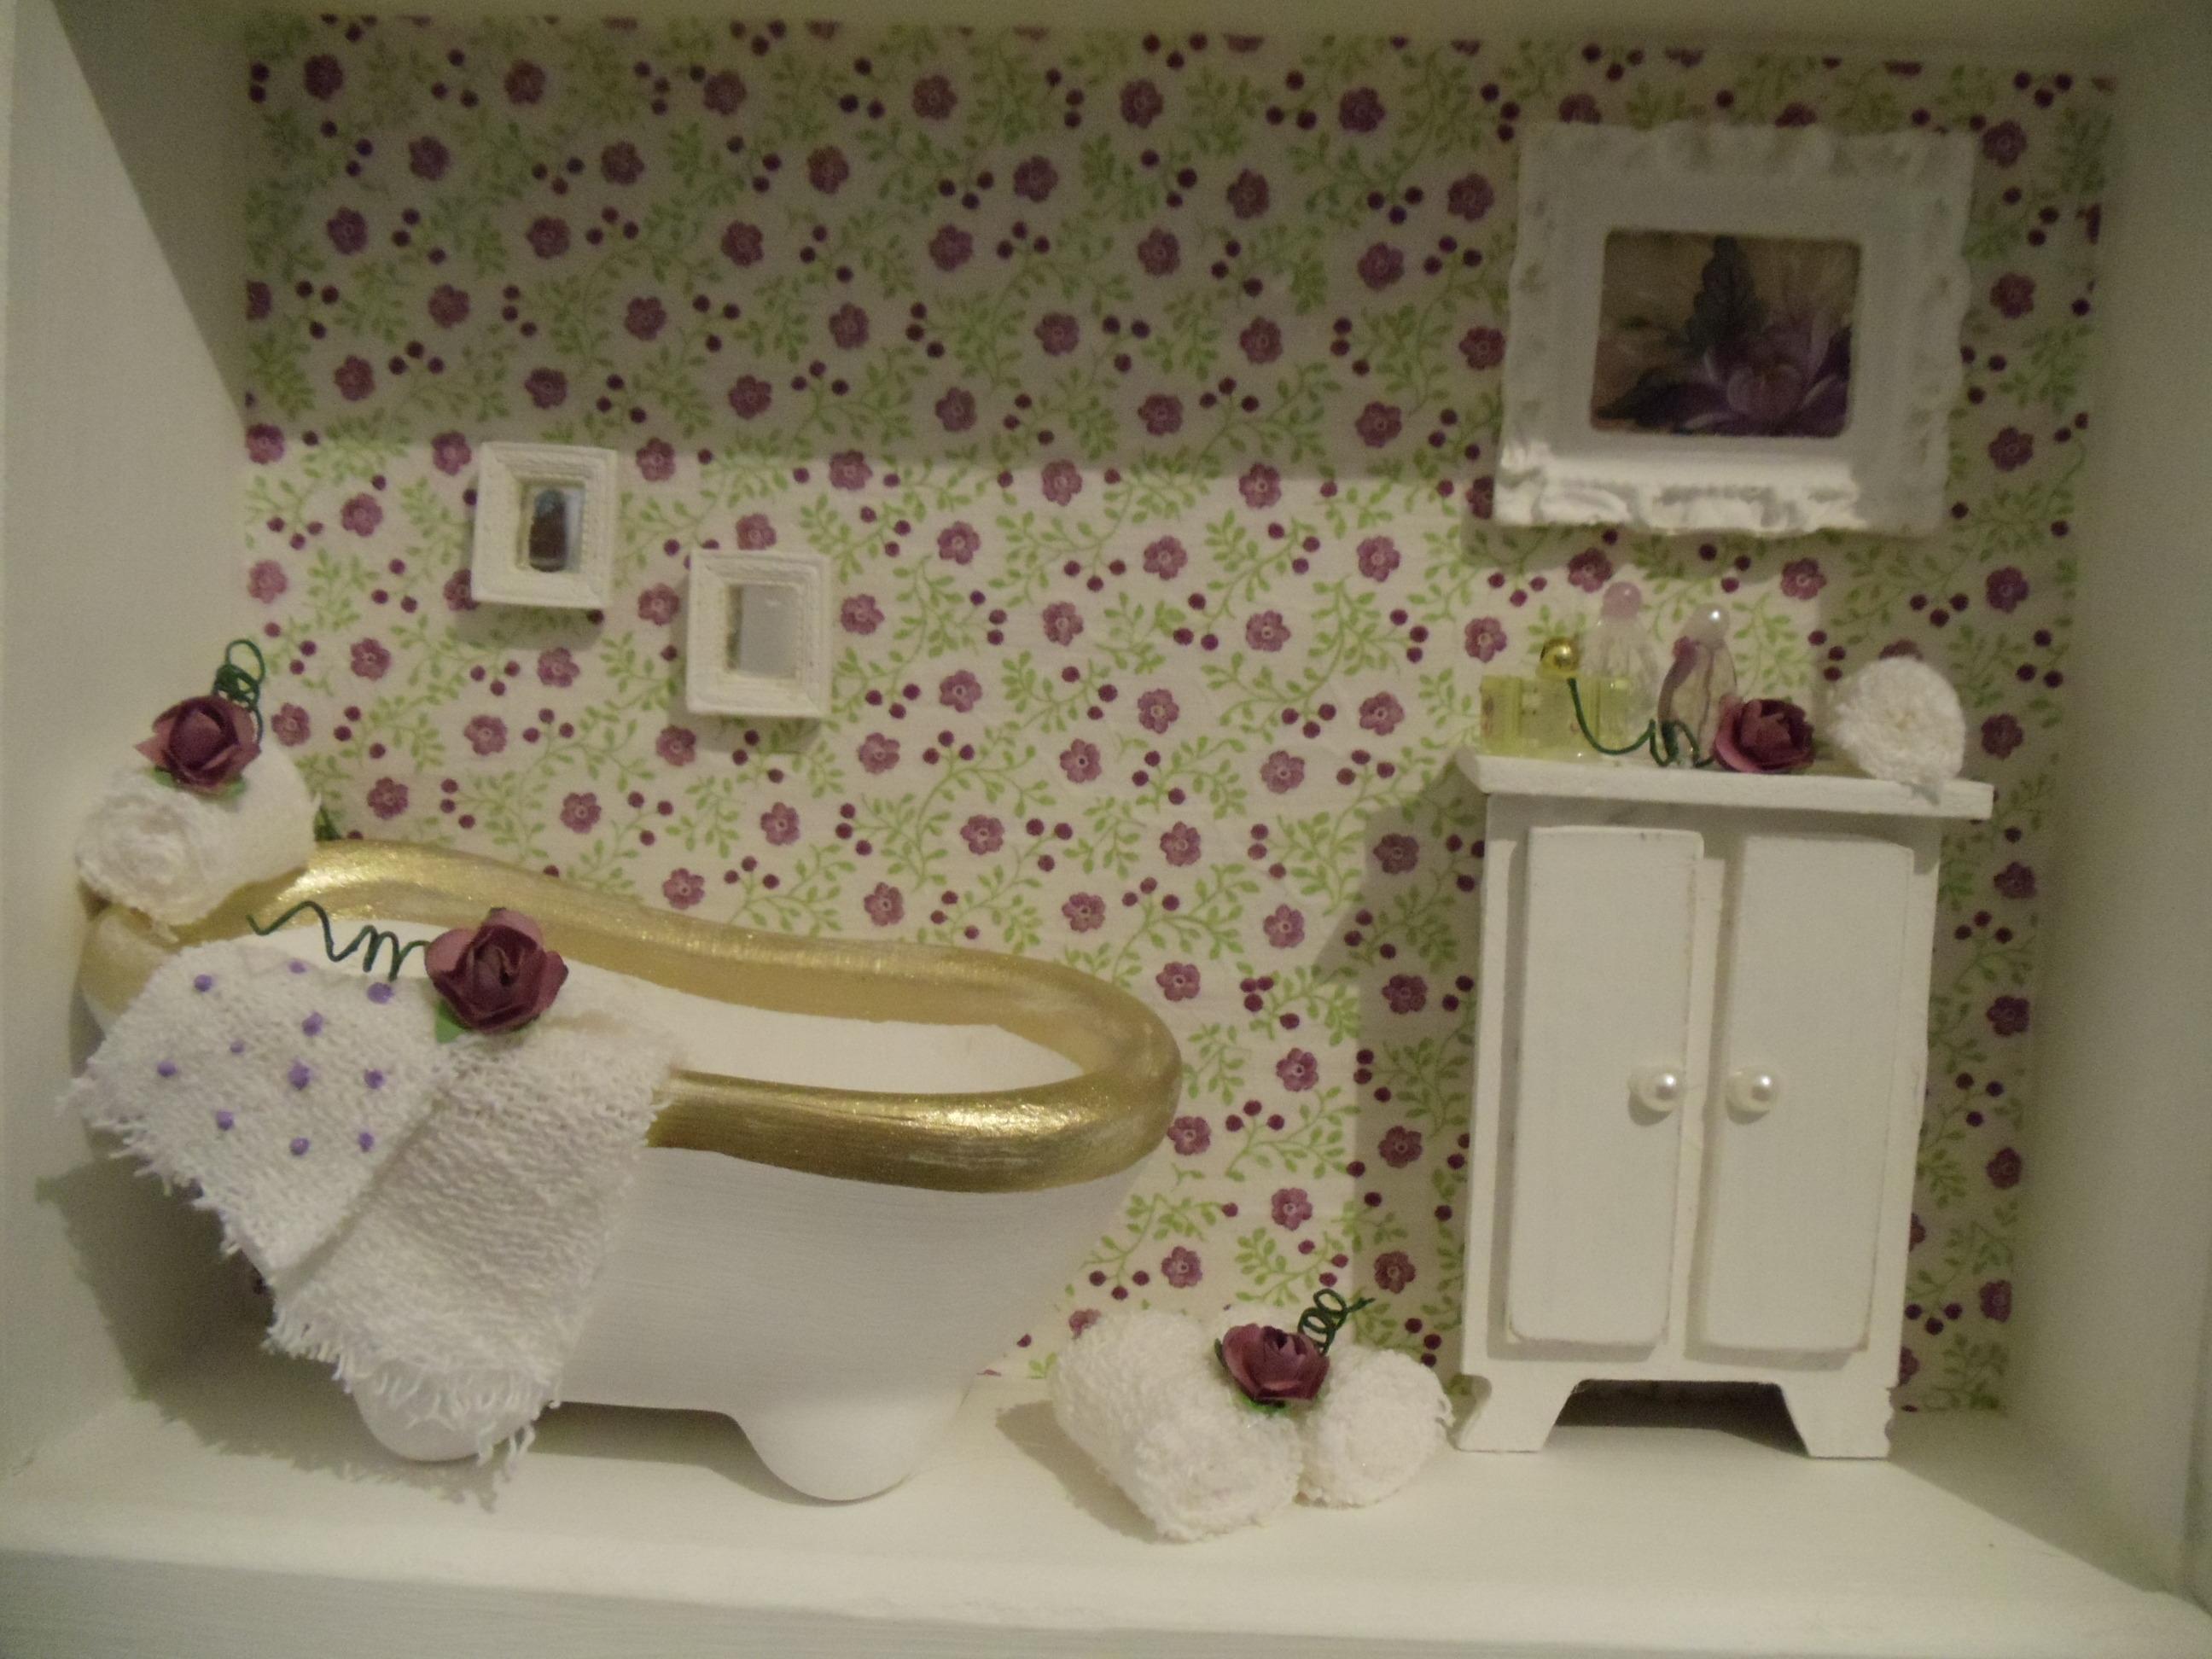 Quadro Decorativo Banheiro Florido Quadro Decorativo Banheiro Florido  #515731 2592 1944